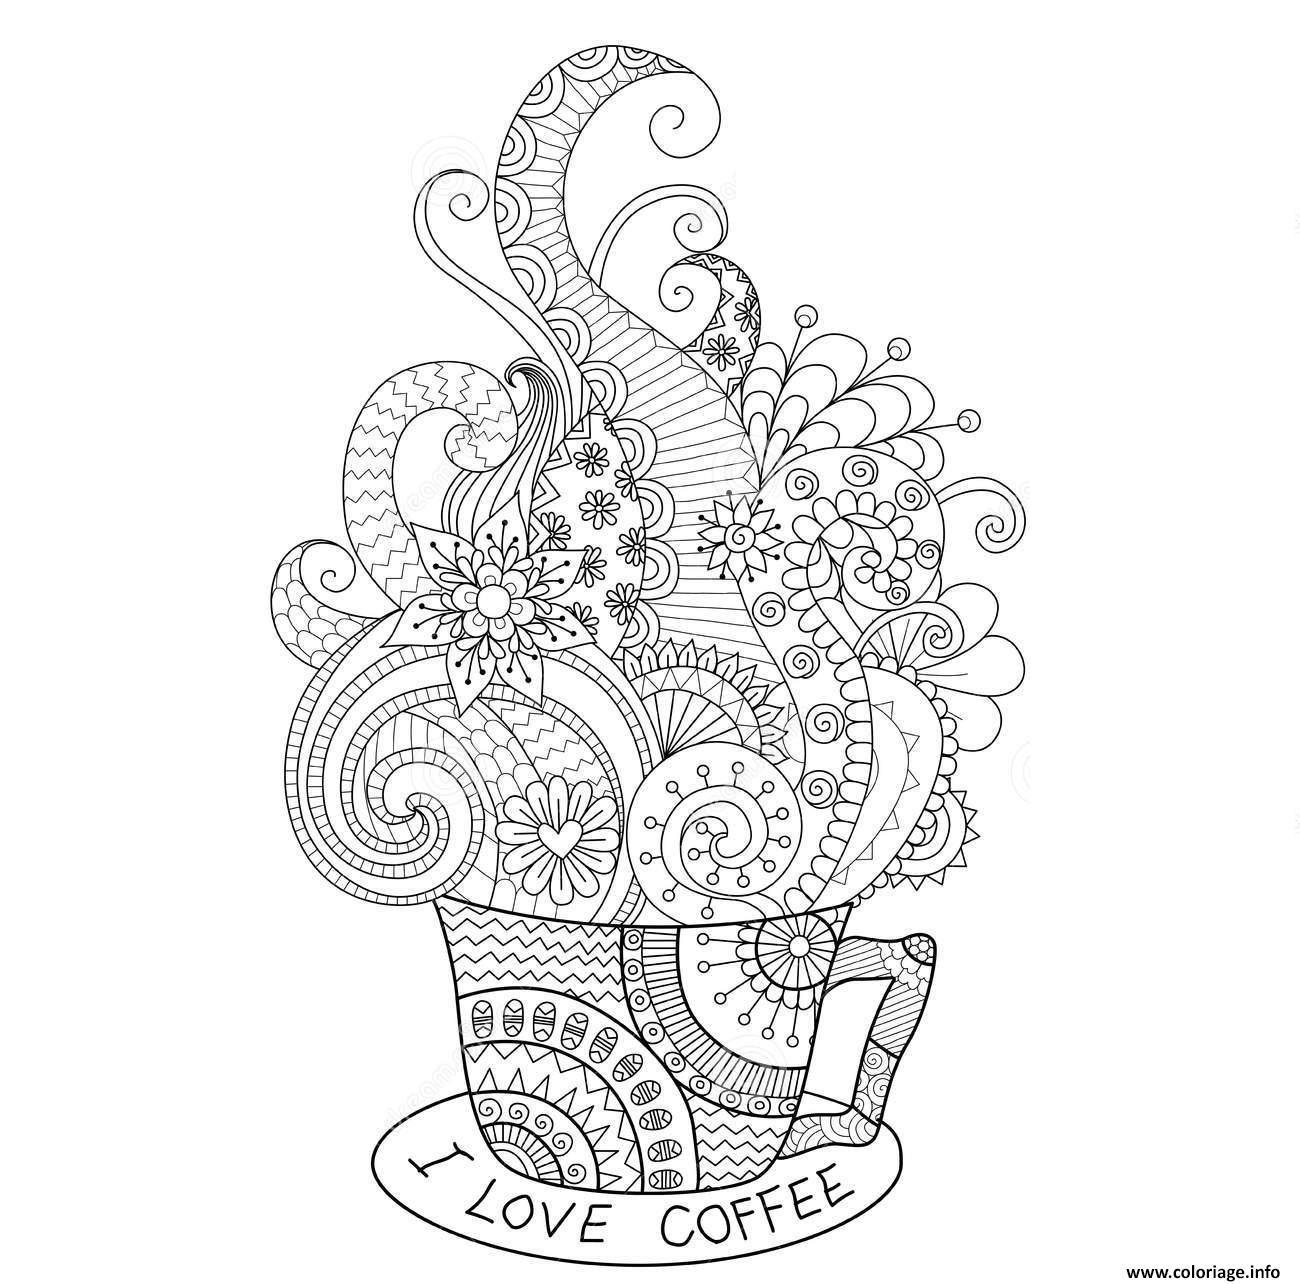 Coloriage Cup Hot Coffee Zentangle Design Adulte dessin